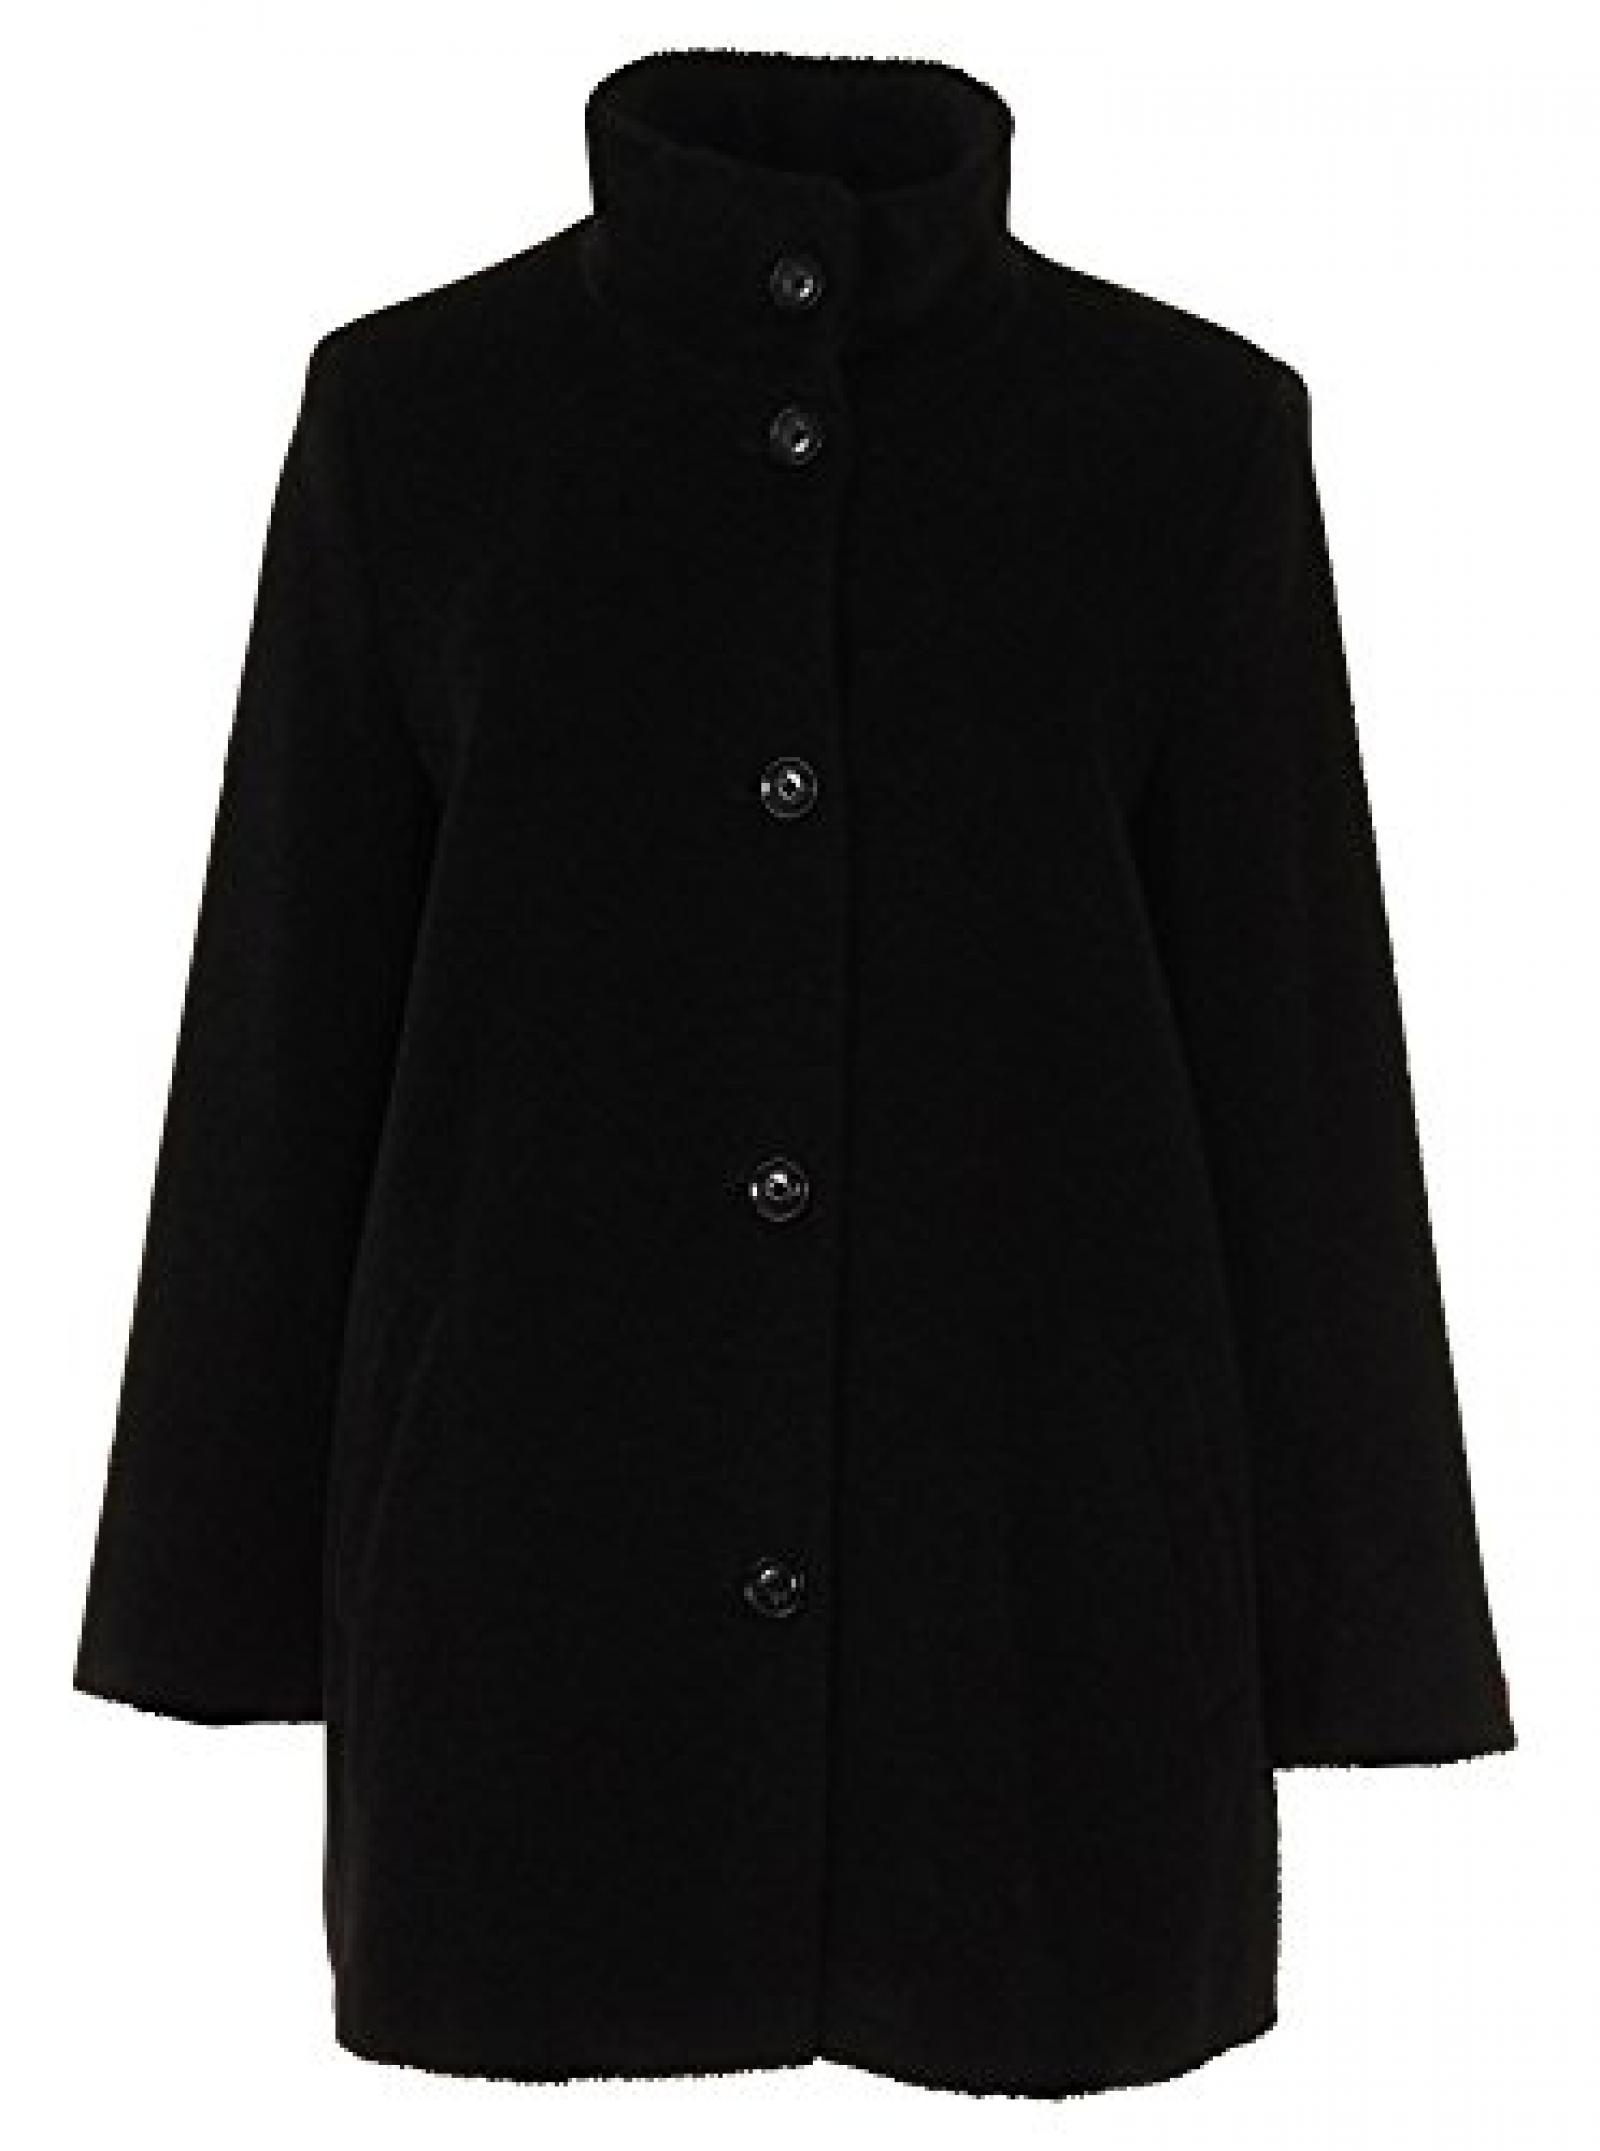 Baronia - Damen - schwarze Wolljacke